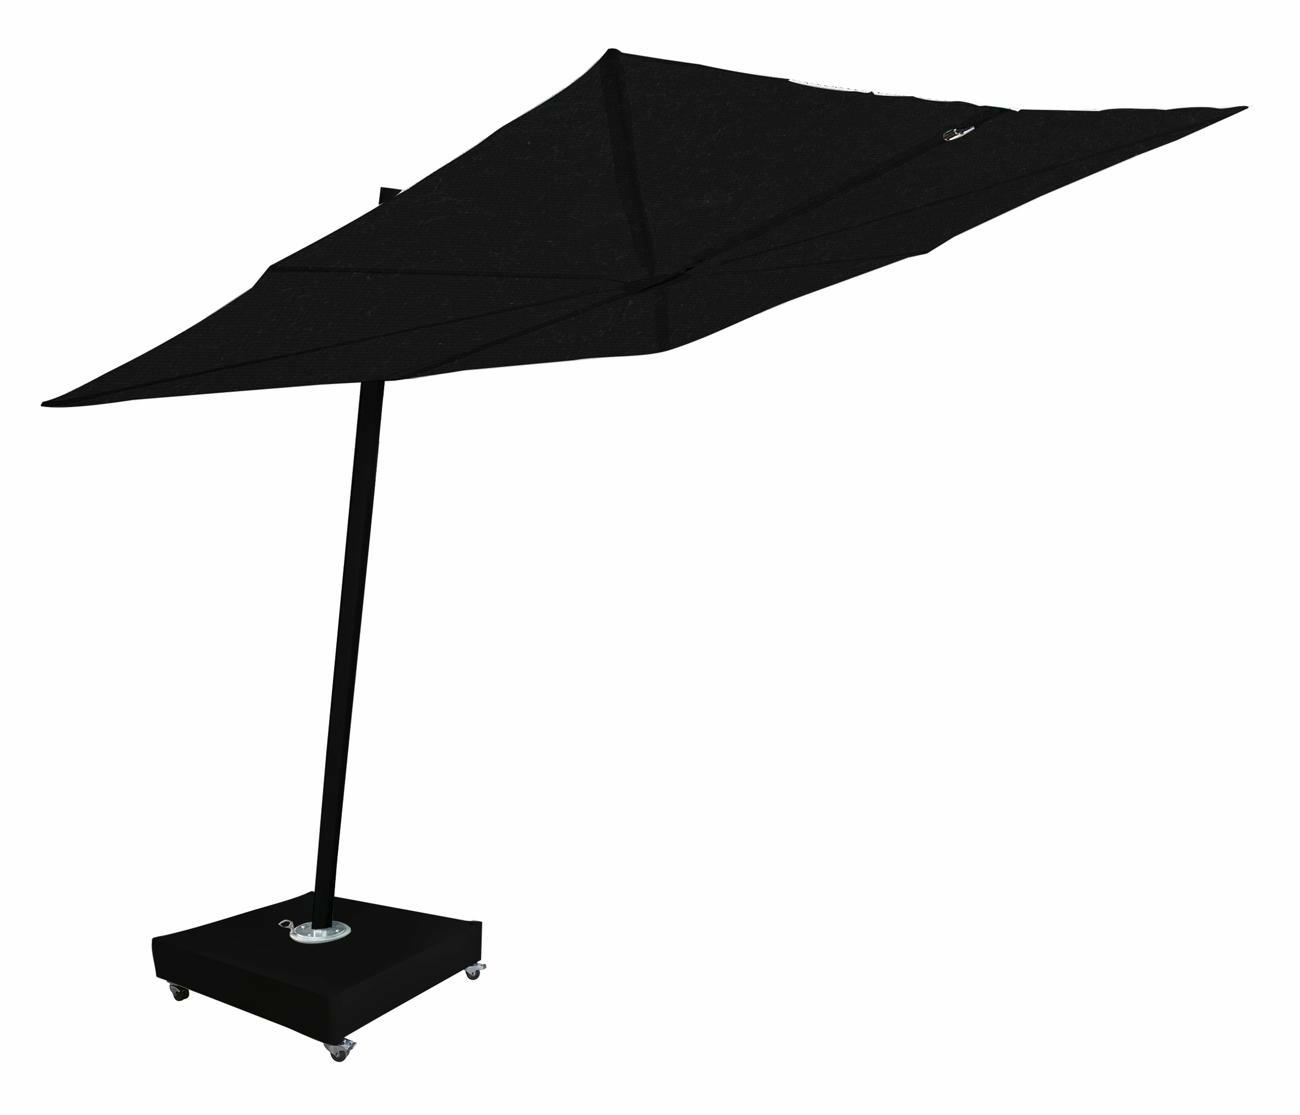 Spectra parasol déporté incliné (80°) ǀ châssis en Dusk avec base mobile